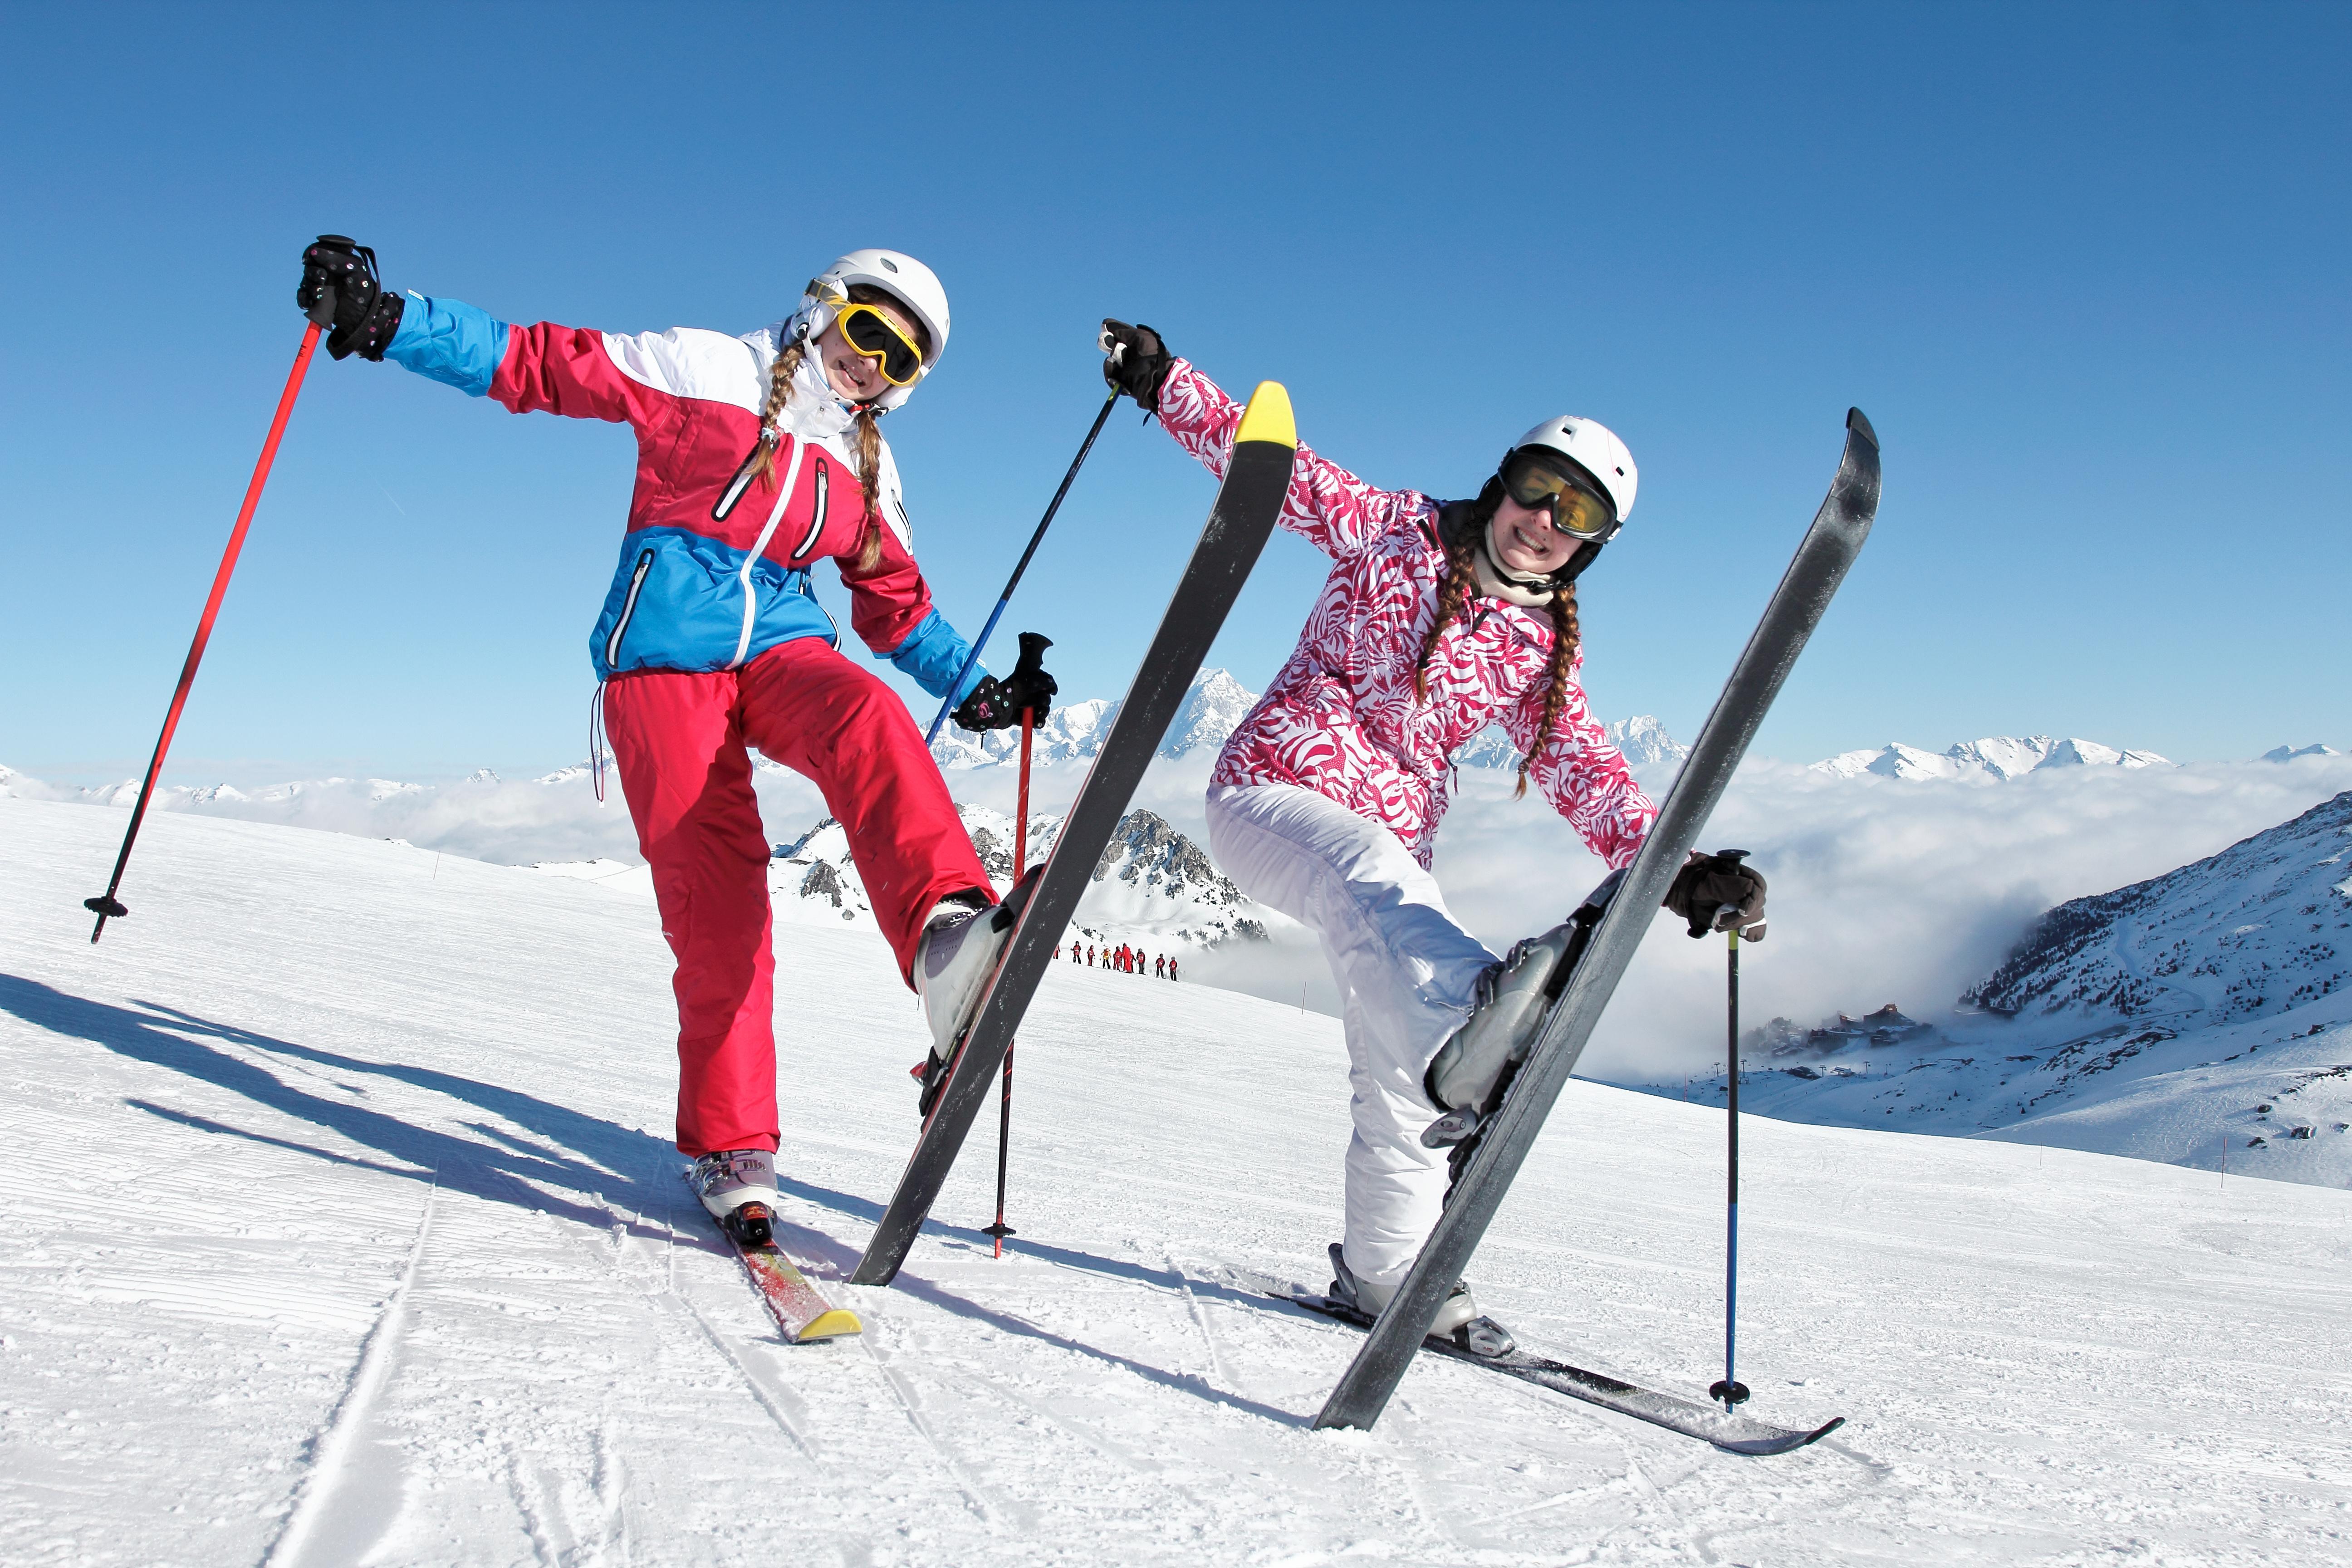 Le ski alpin pour les nuls france montagnes site officiel des stations de - Nuit insolite en montagne ...